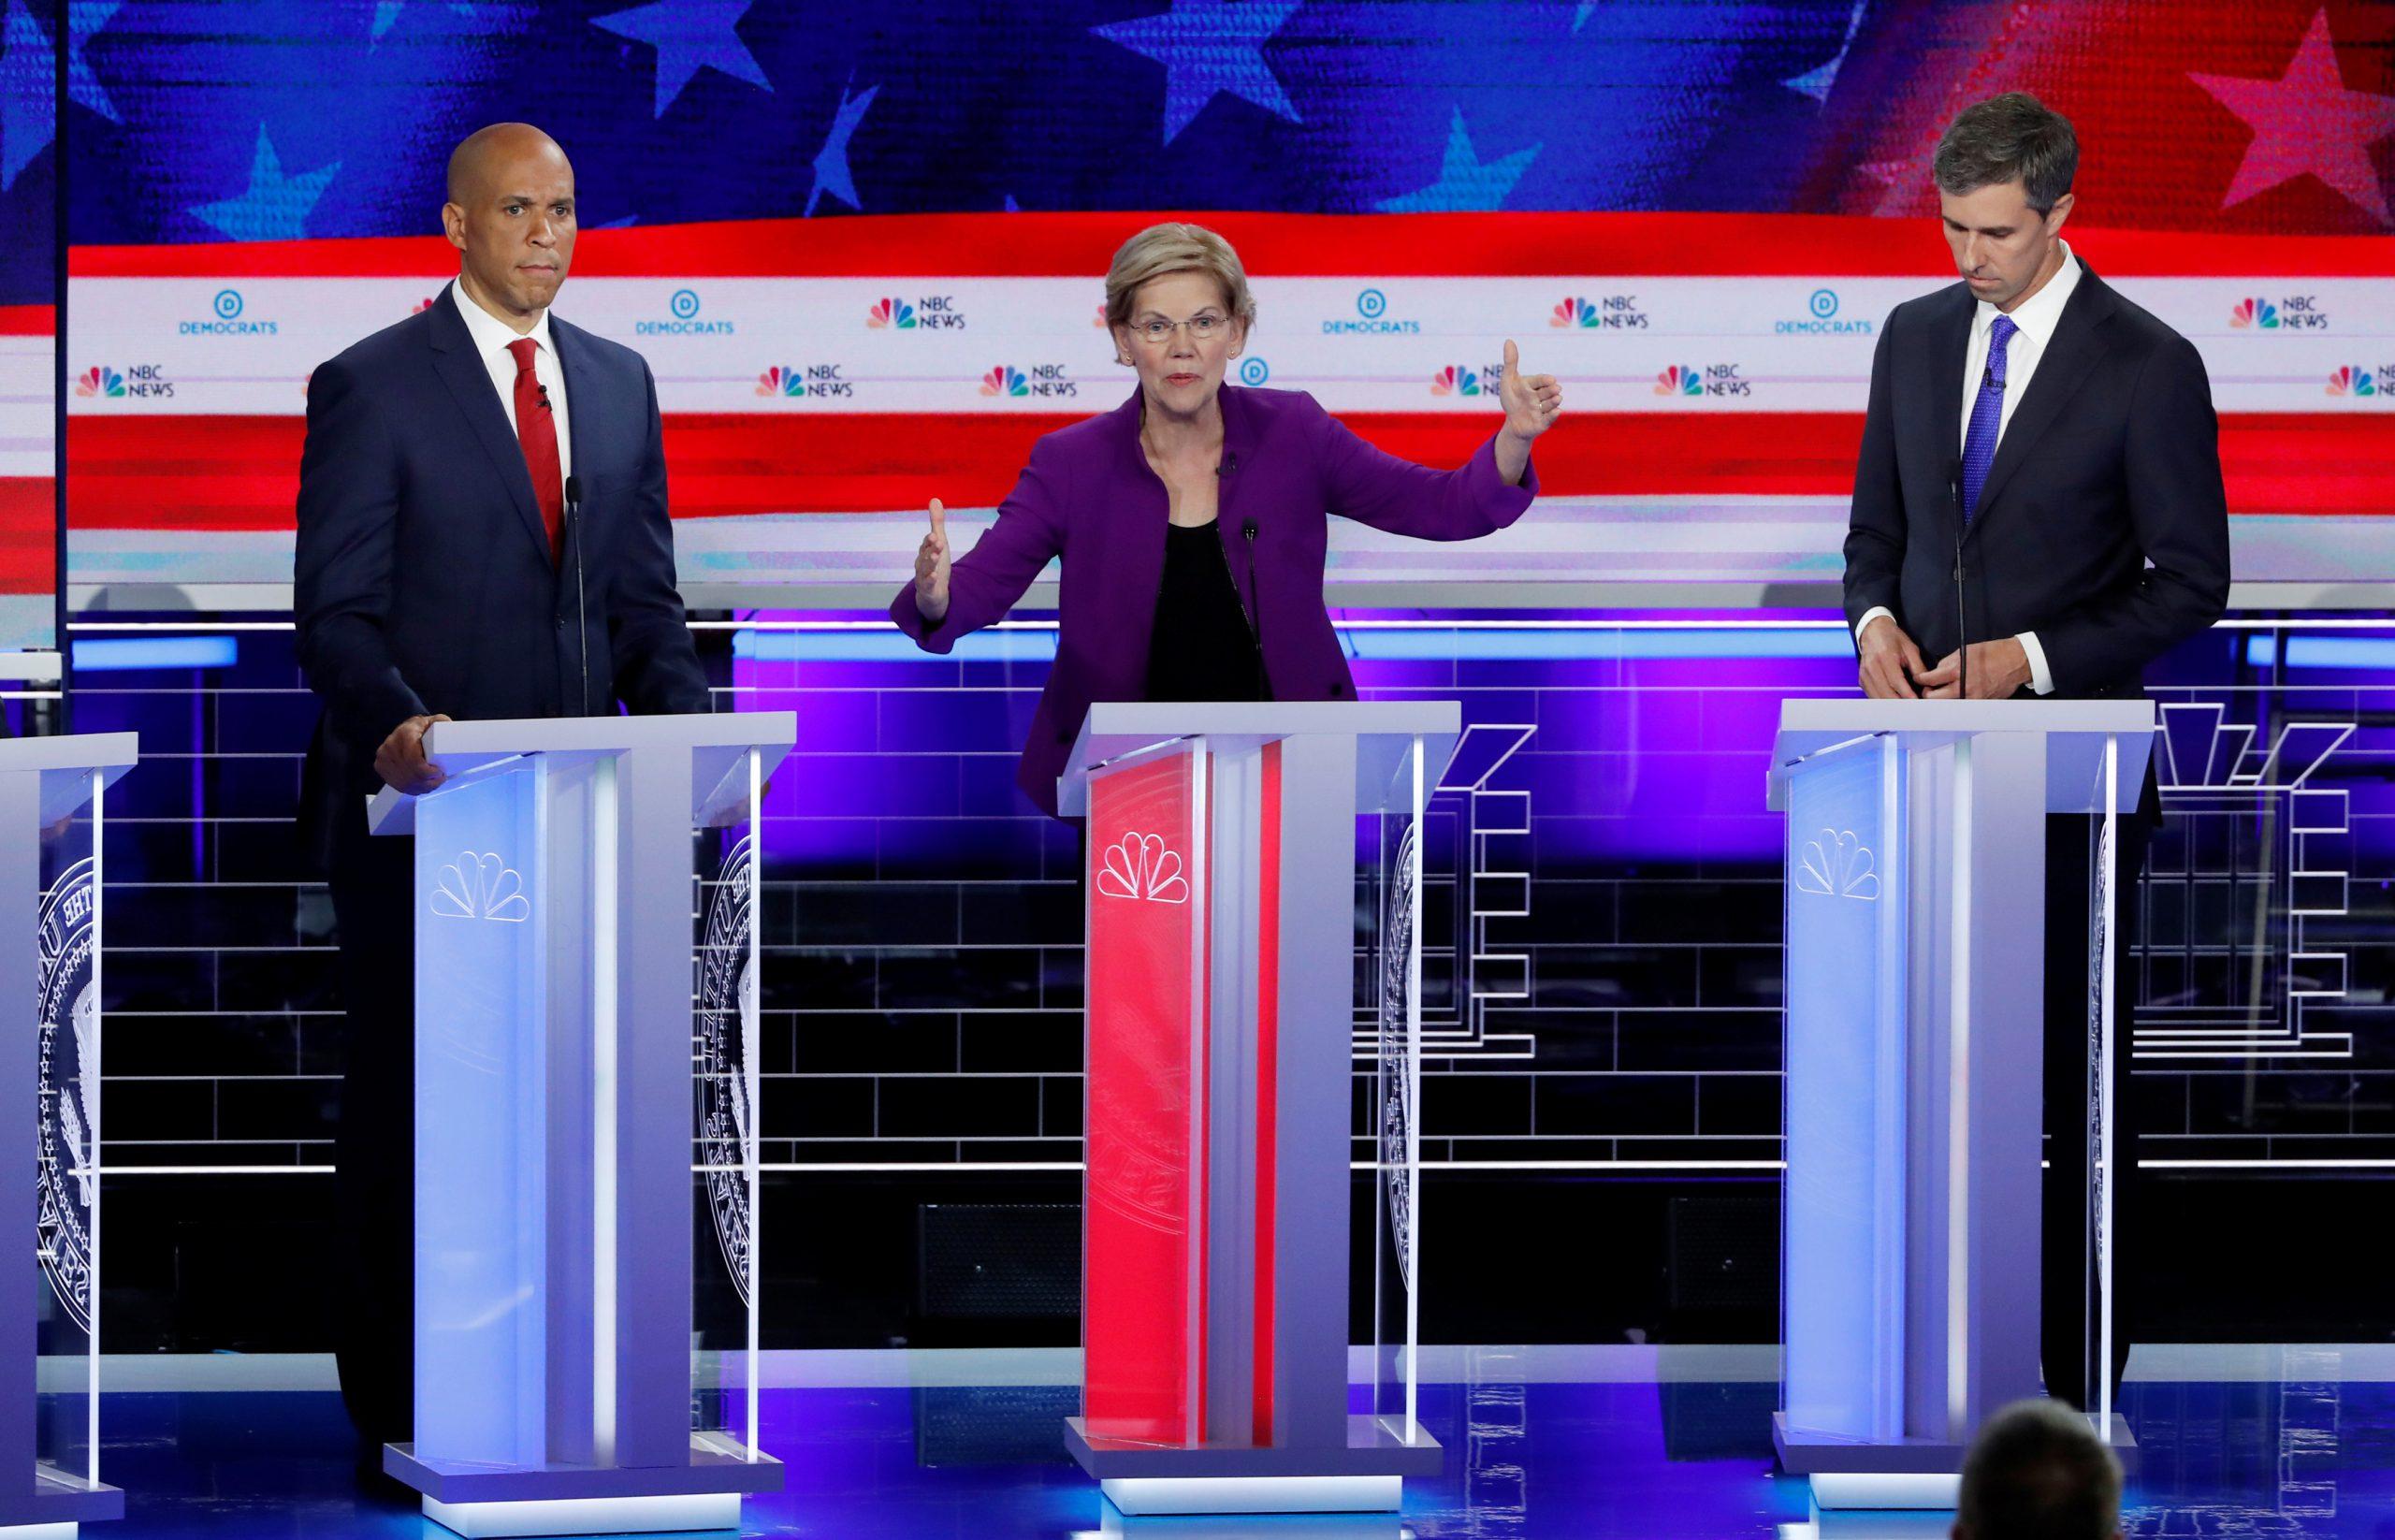 Elizabeth Warren, Cory Booker i Beto O'Rourke  / REUTERS